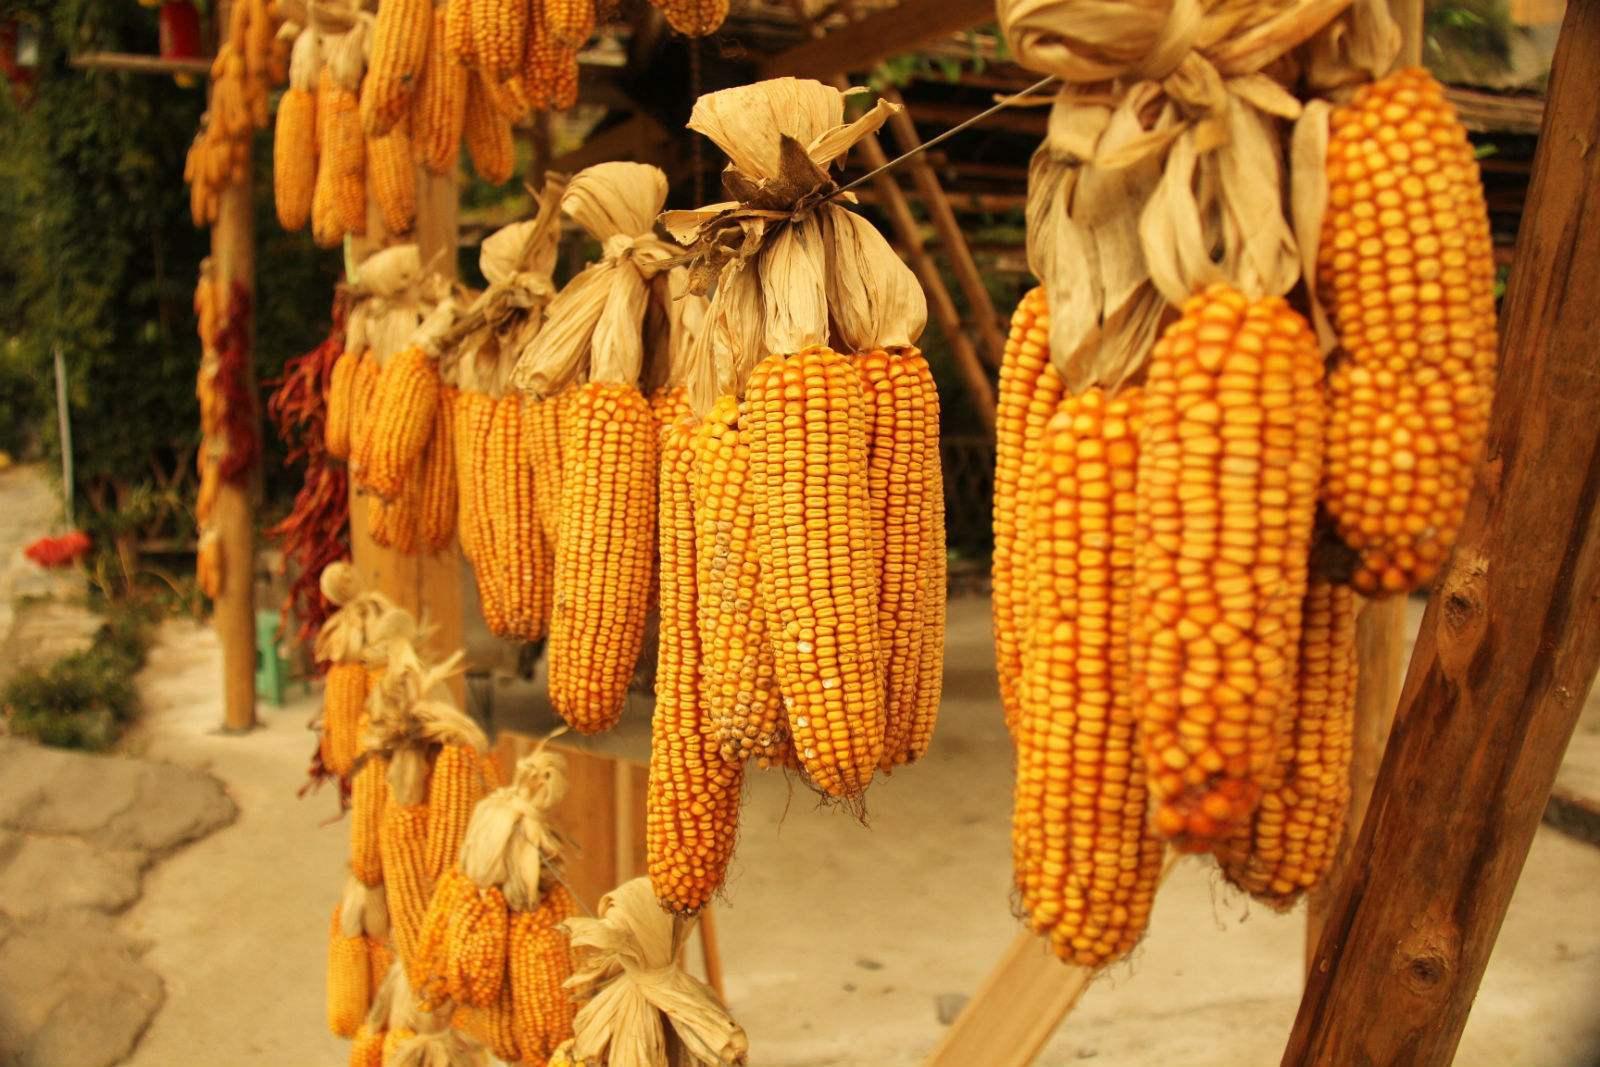 2019年05月12日全国各省玉米价格及行情走势报价表